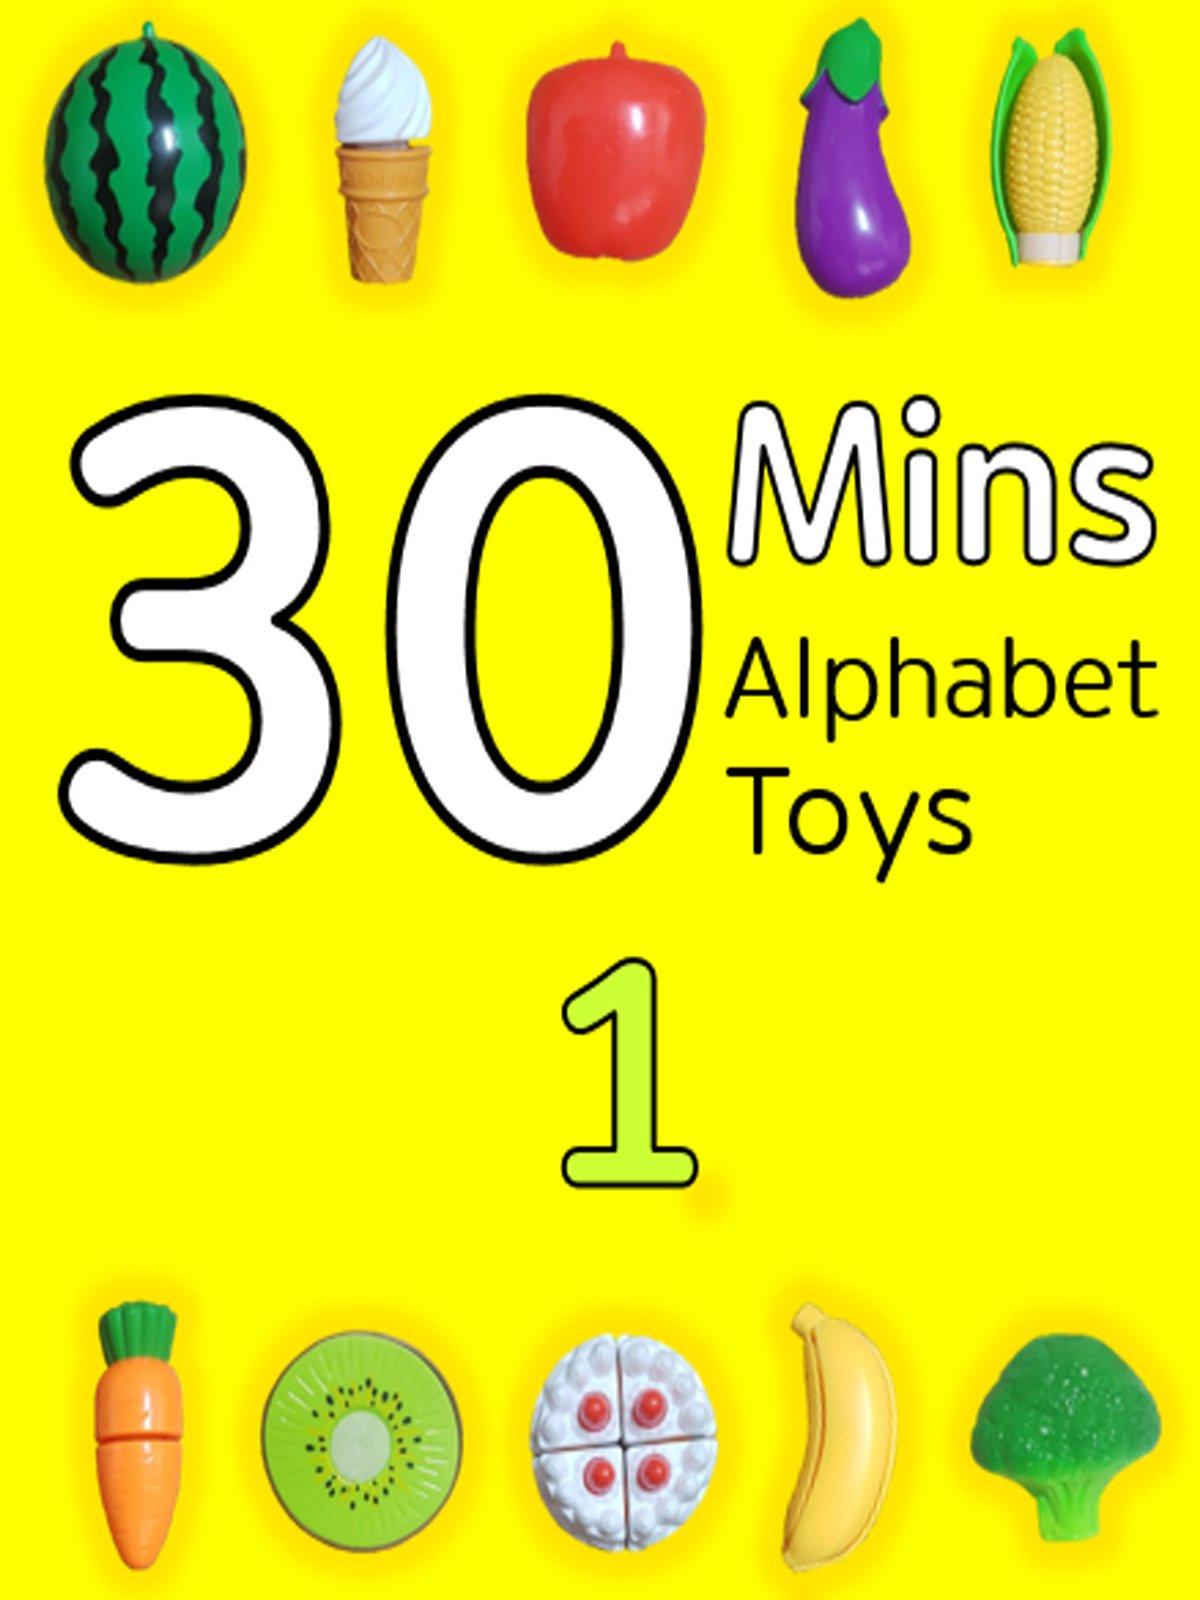 30 Minutes Alphabet Toys #1